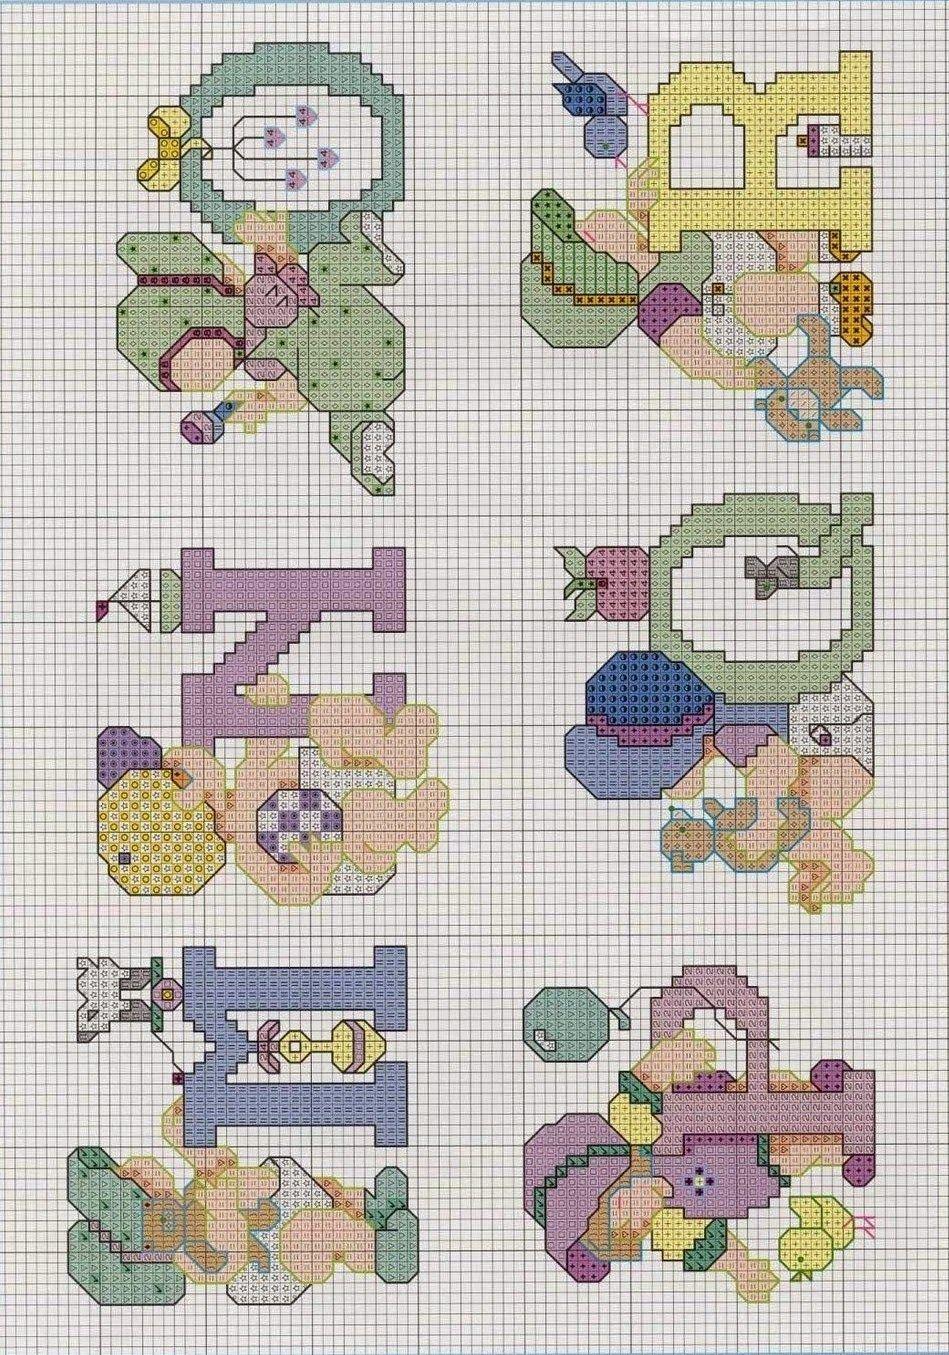 Graficos punto de cruz gratis abecedarios infantiles 52 punto de cruz pinterest - Labores en punto de cruz ...